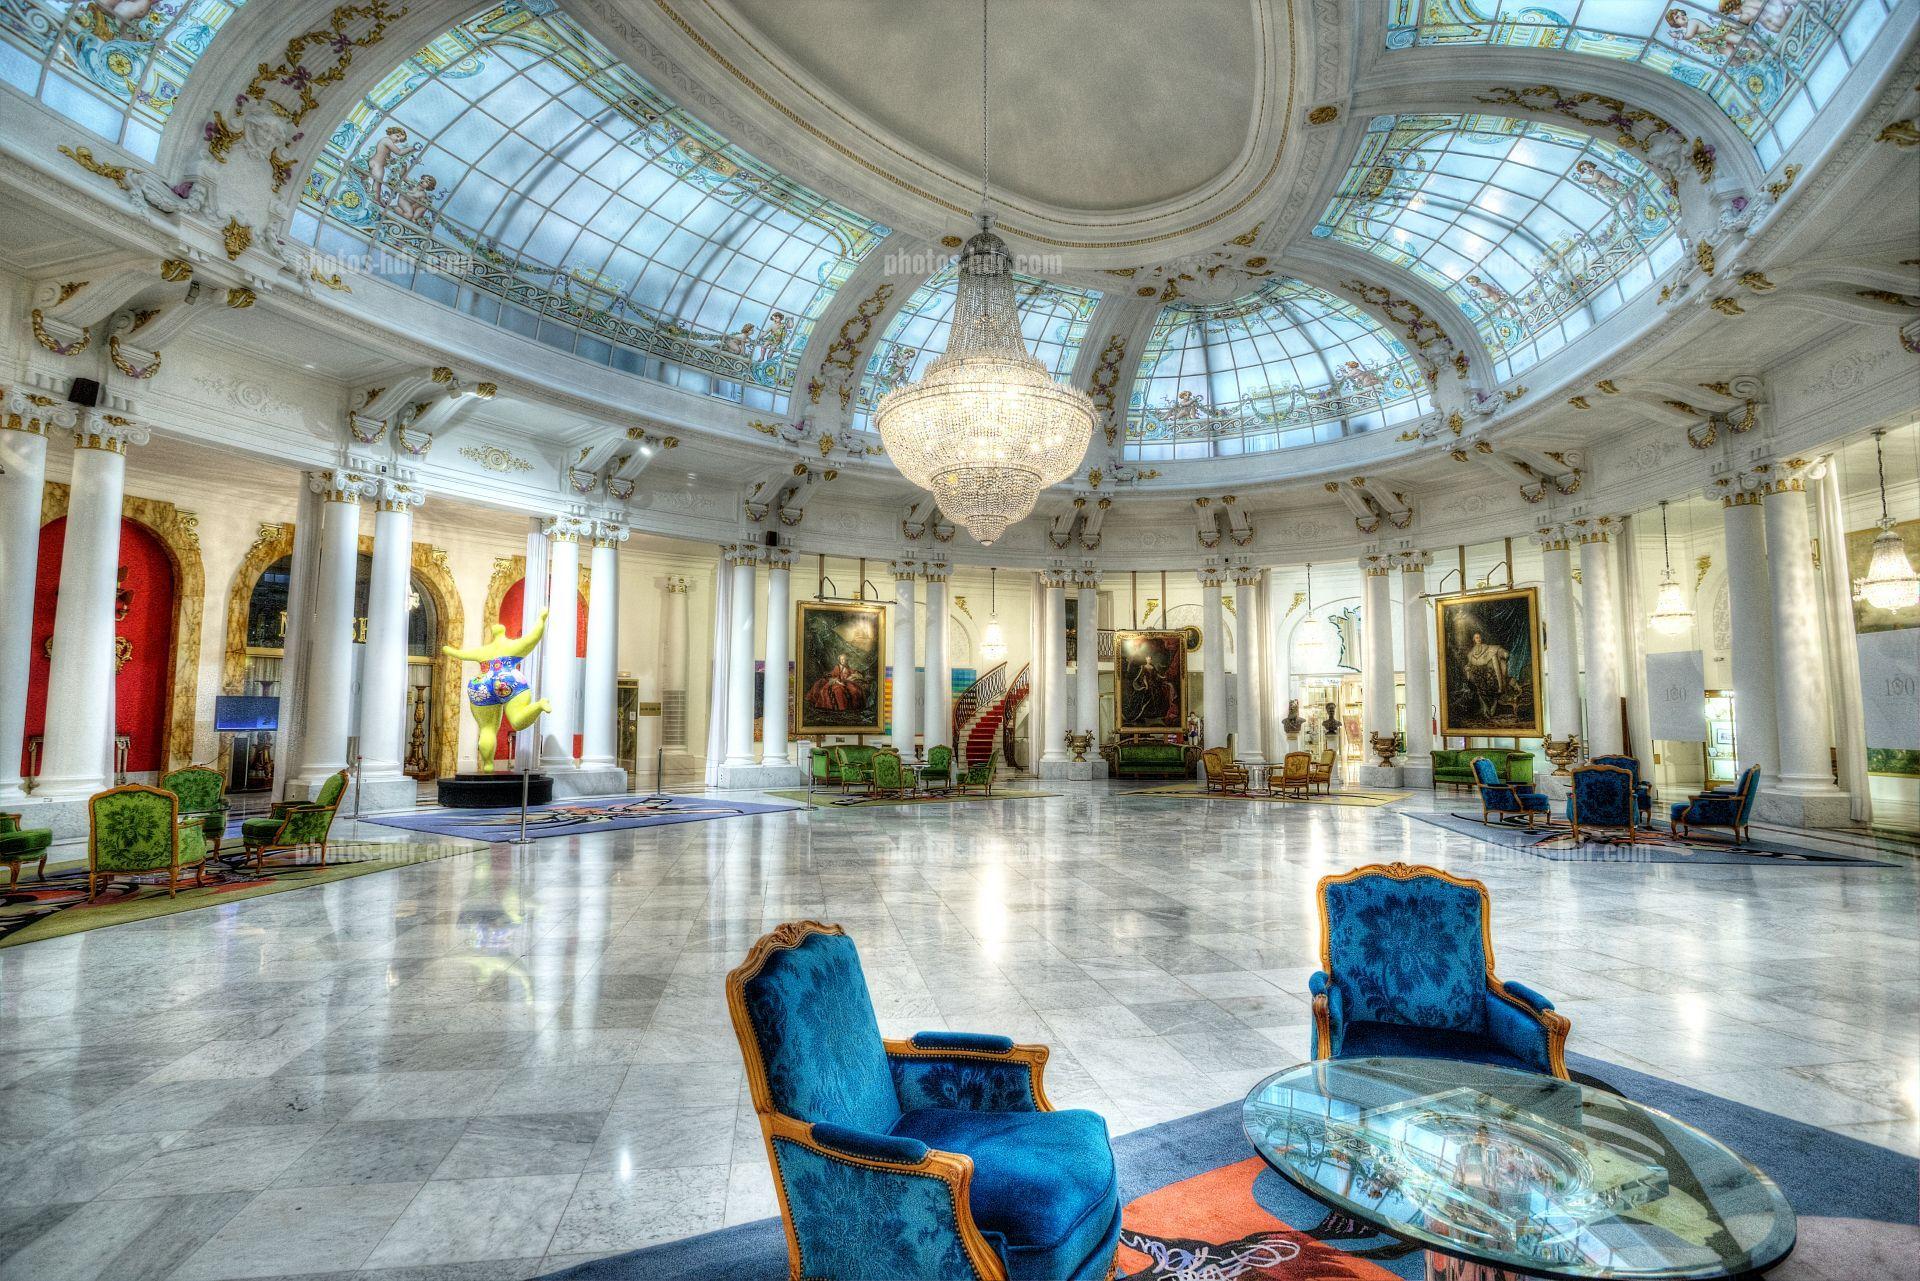 Negresco Hotel Nice France Architecture Balneaire Lieu Touristique Promenade Des Anglais